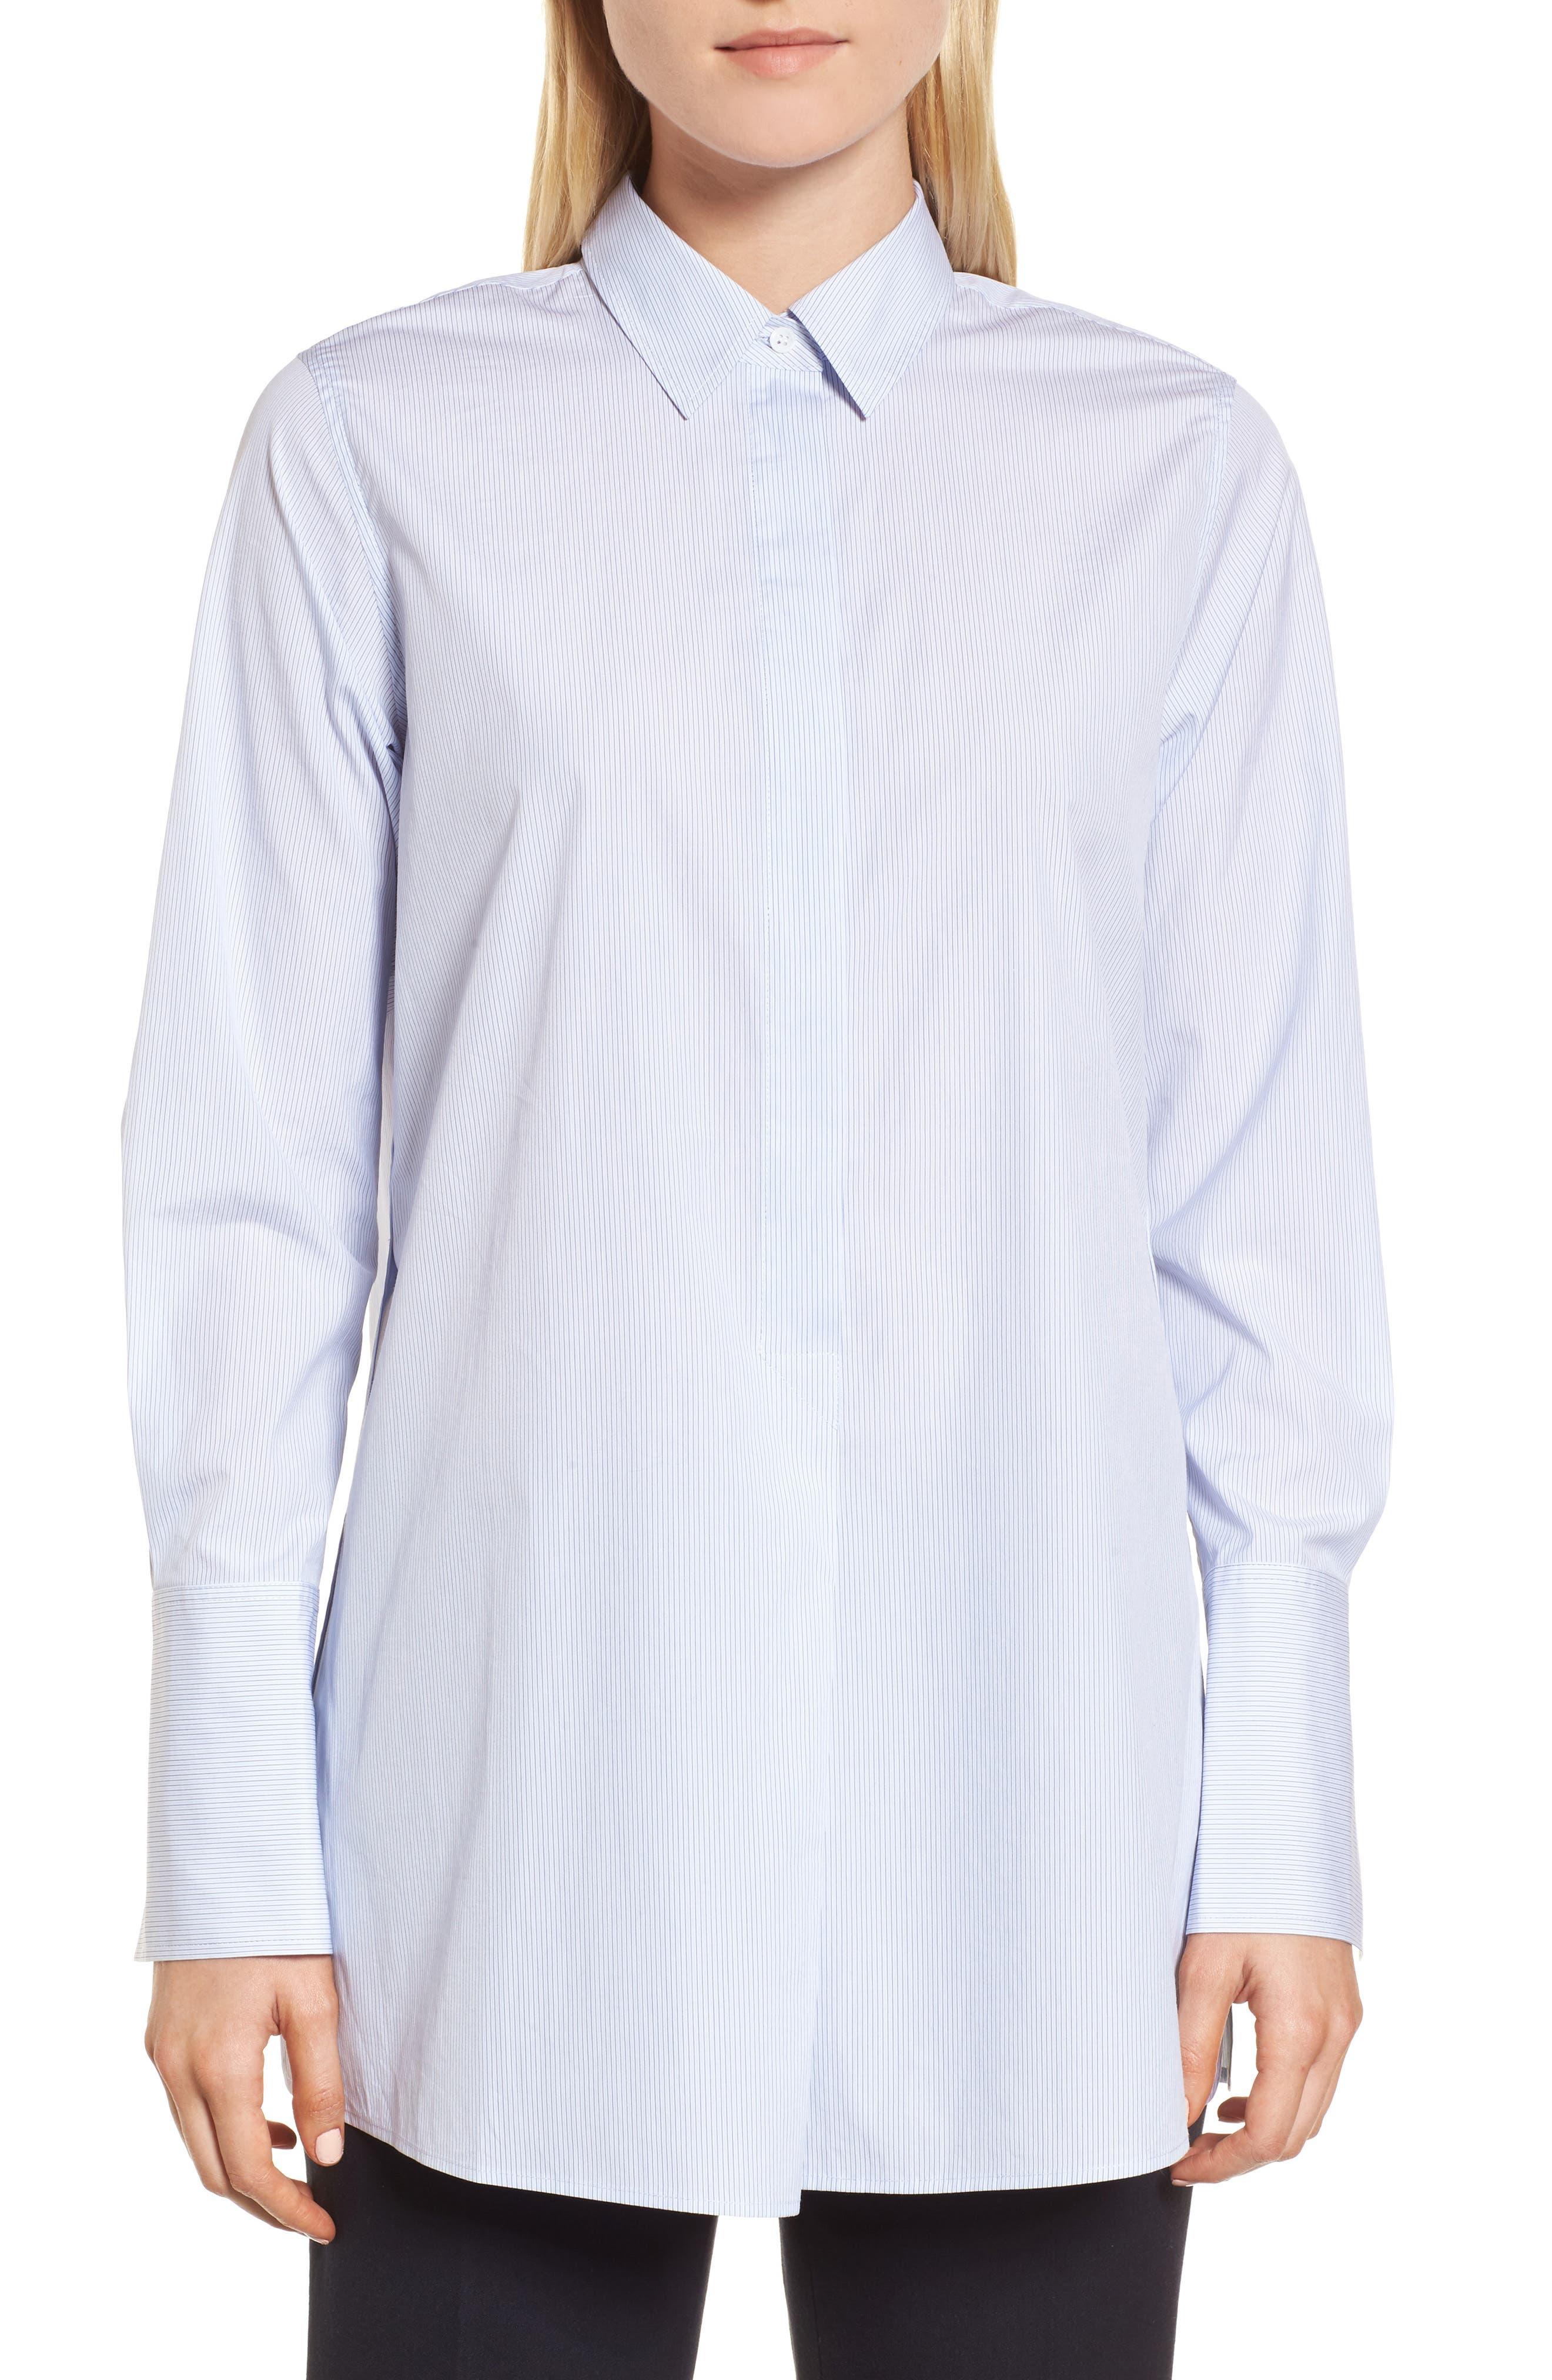 Popover Poplin Shirt,                         Main,                         color, Blue- White Stripe